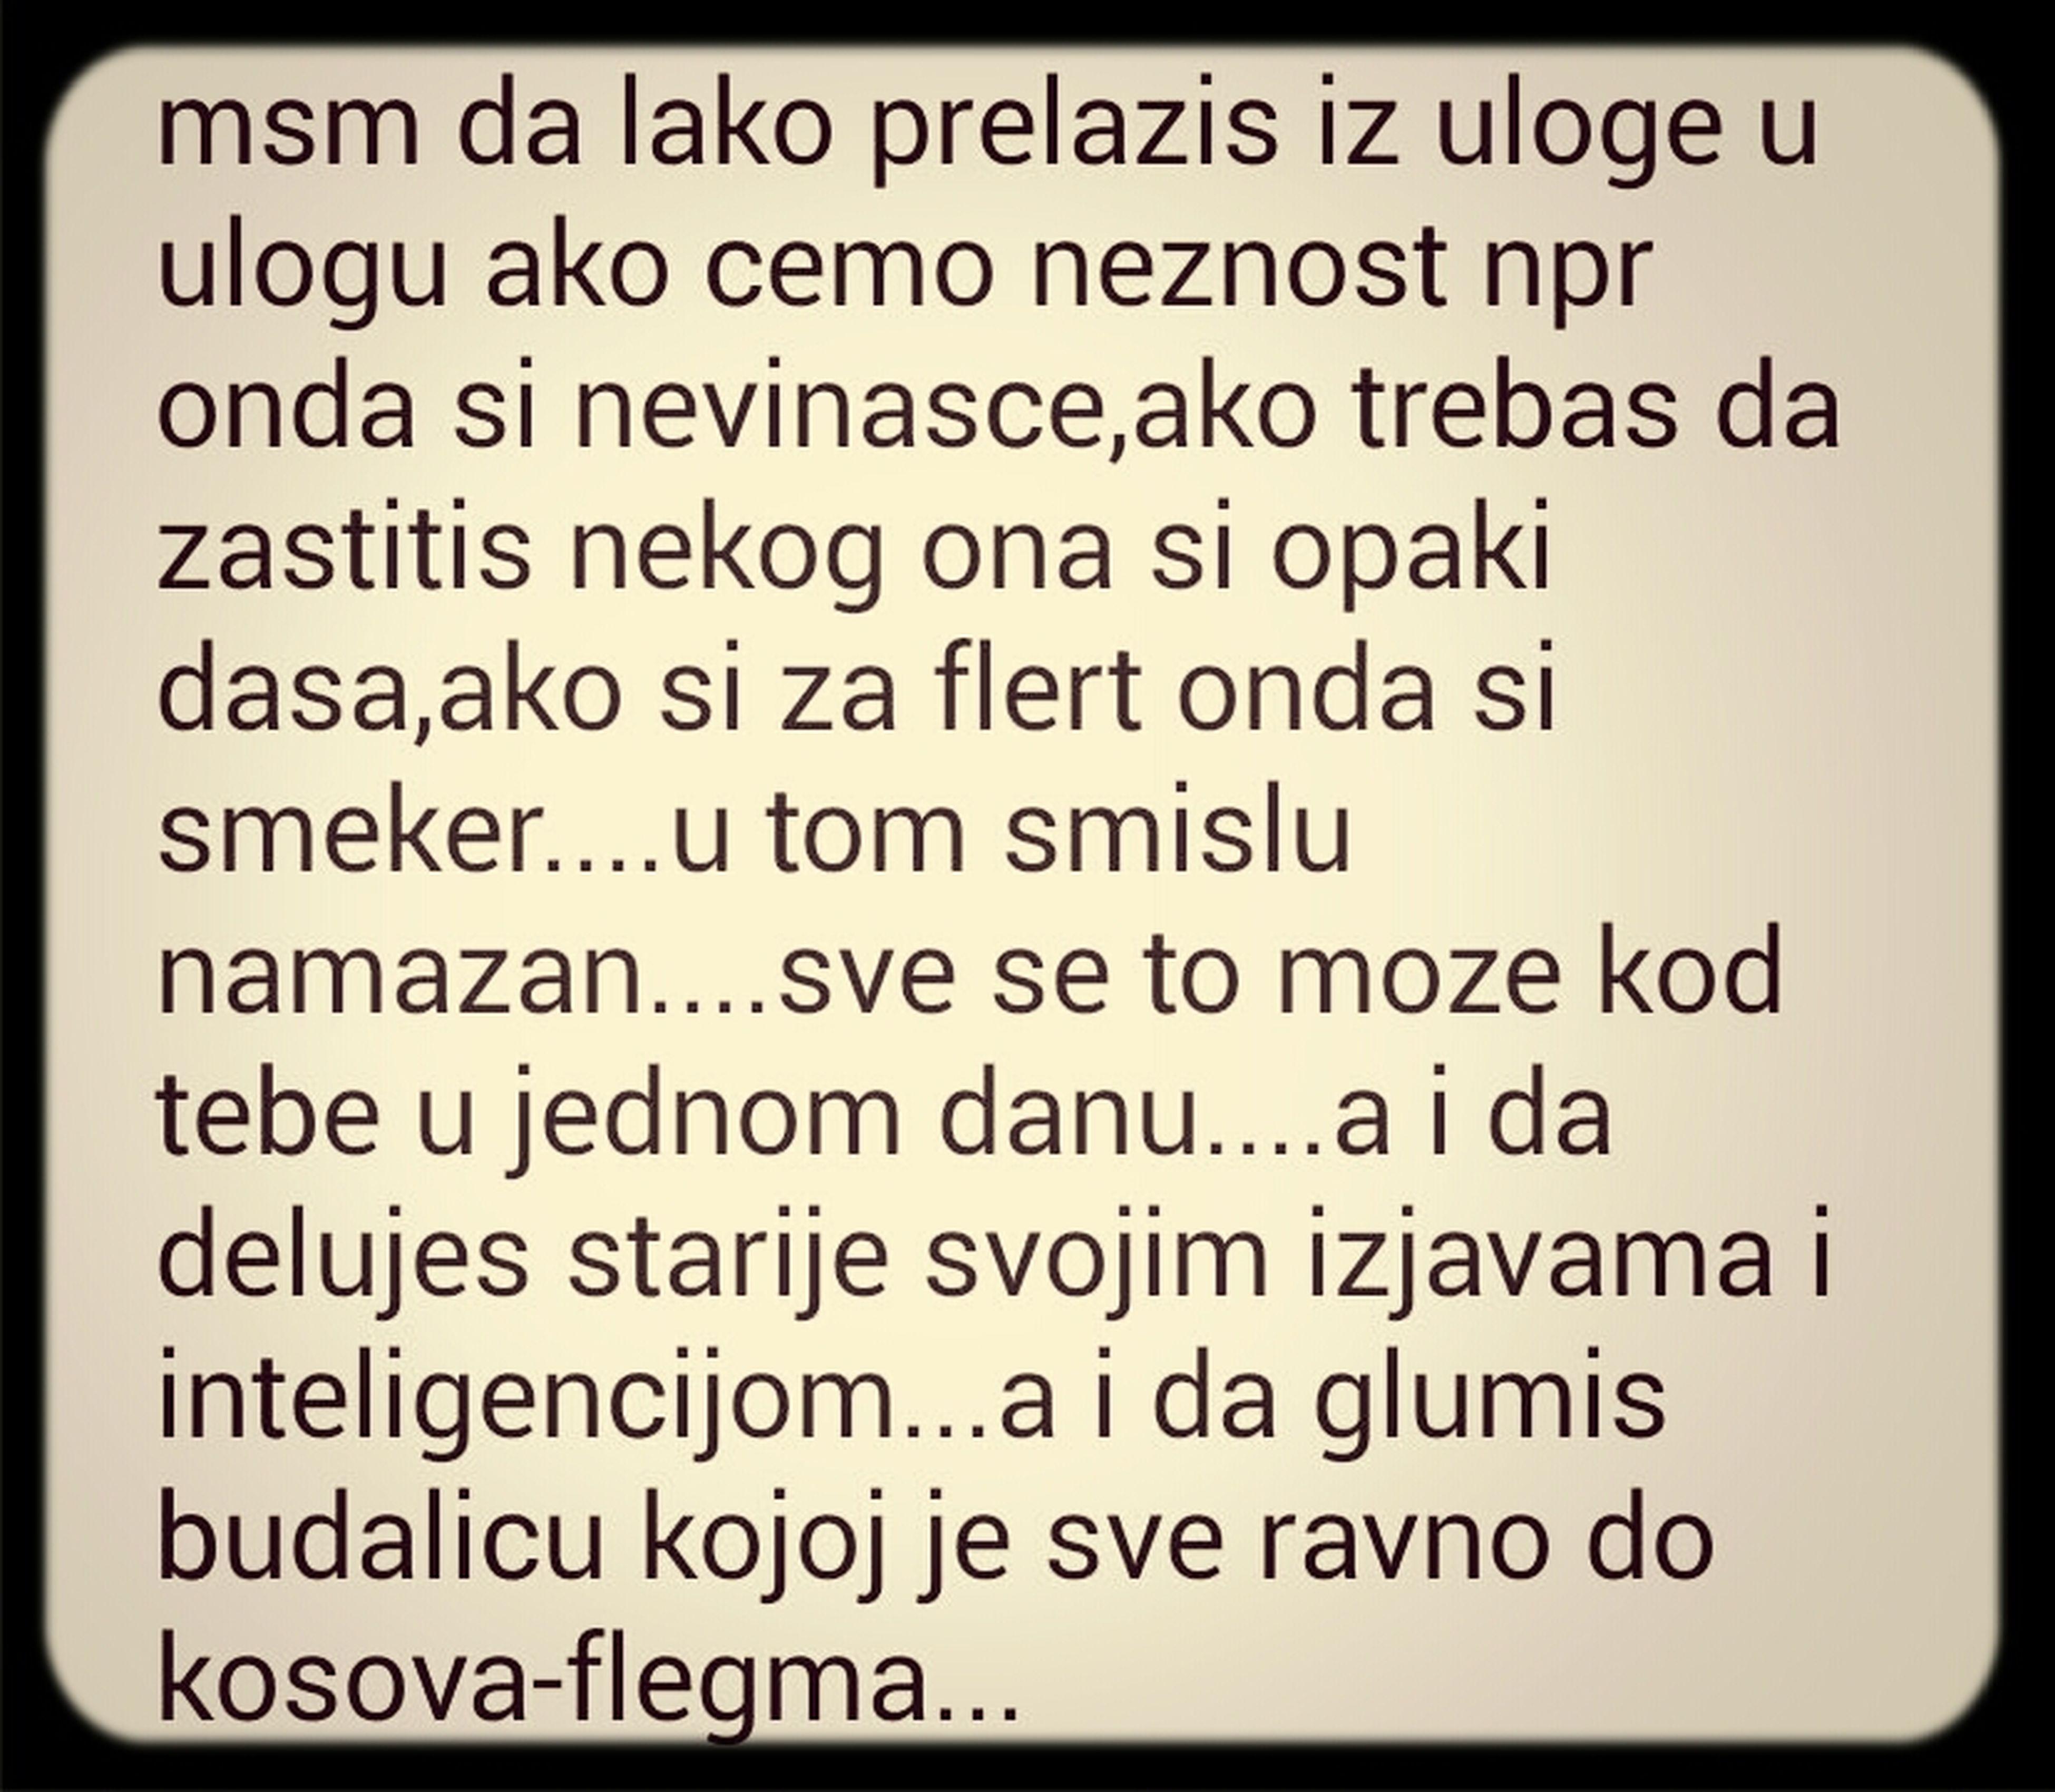 Opis Jedne Devojke ;)